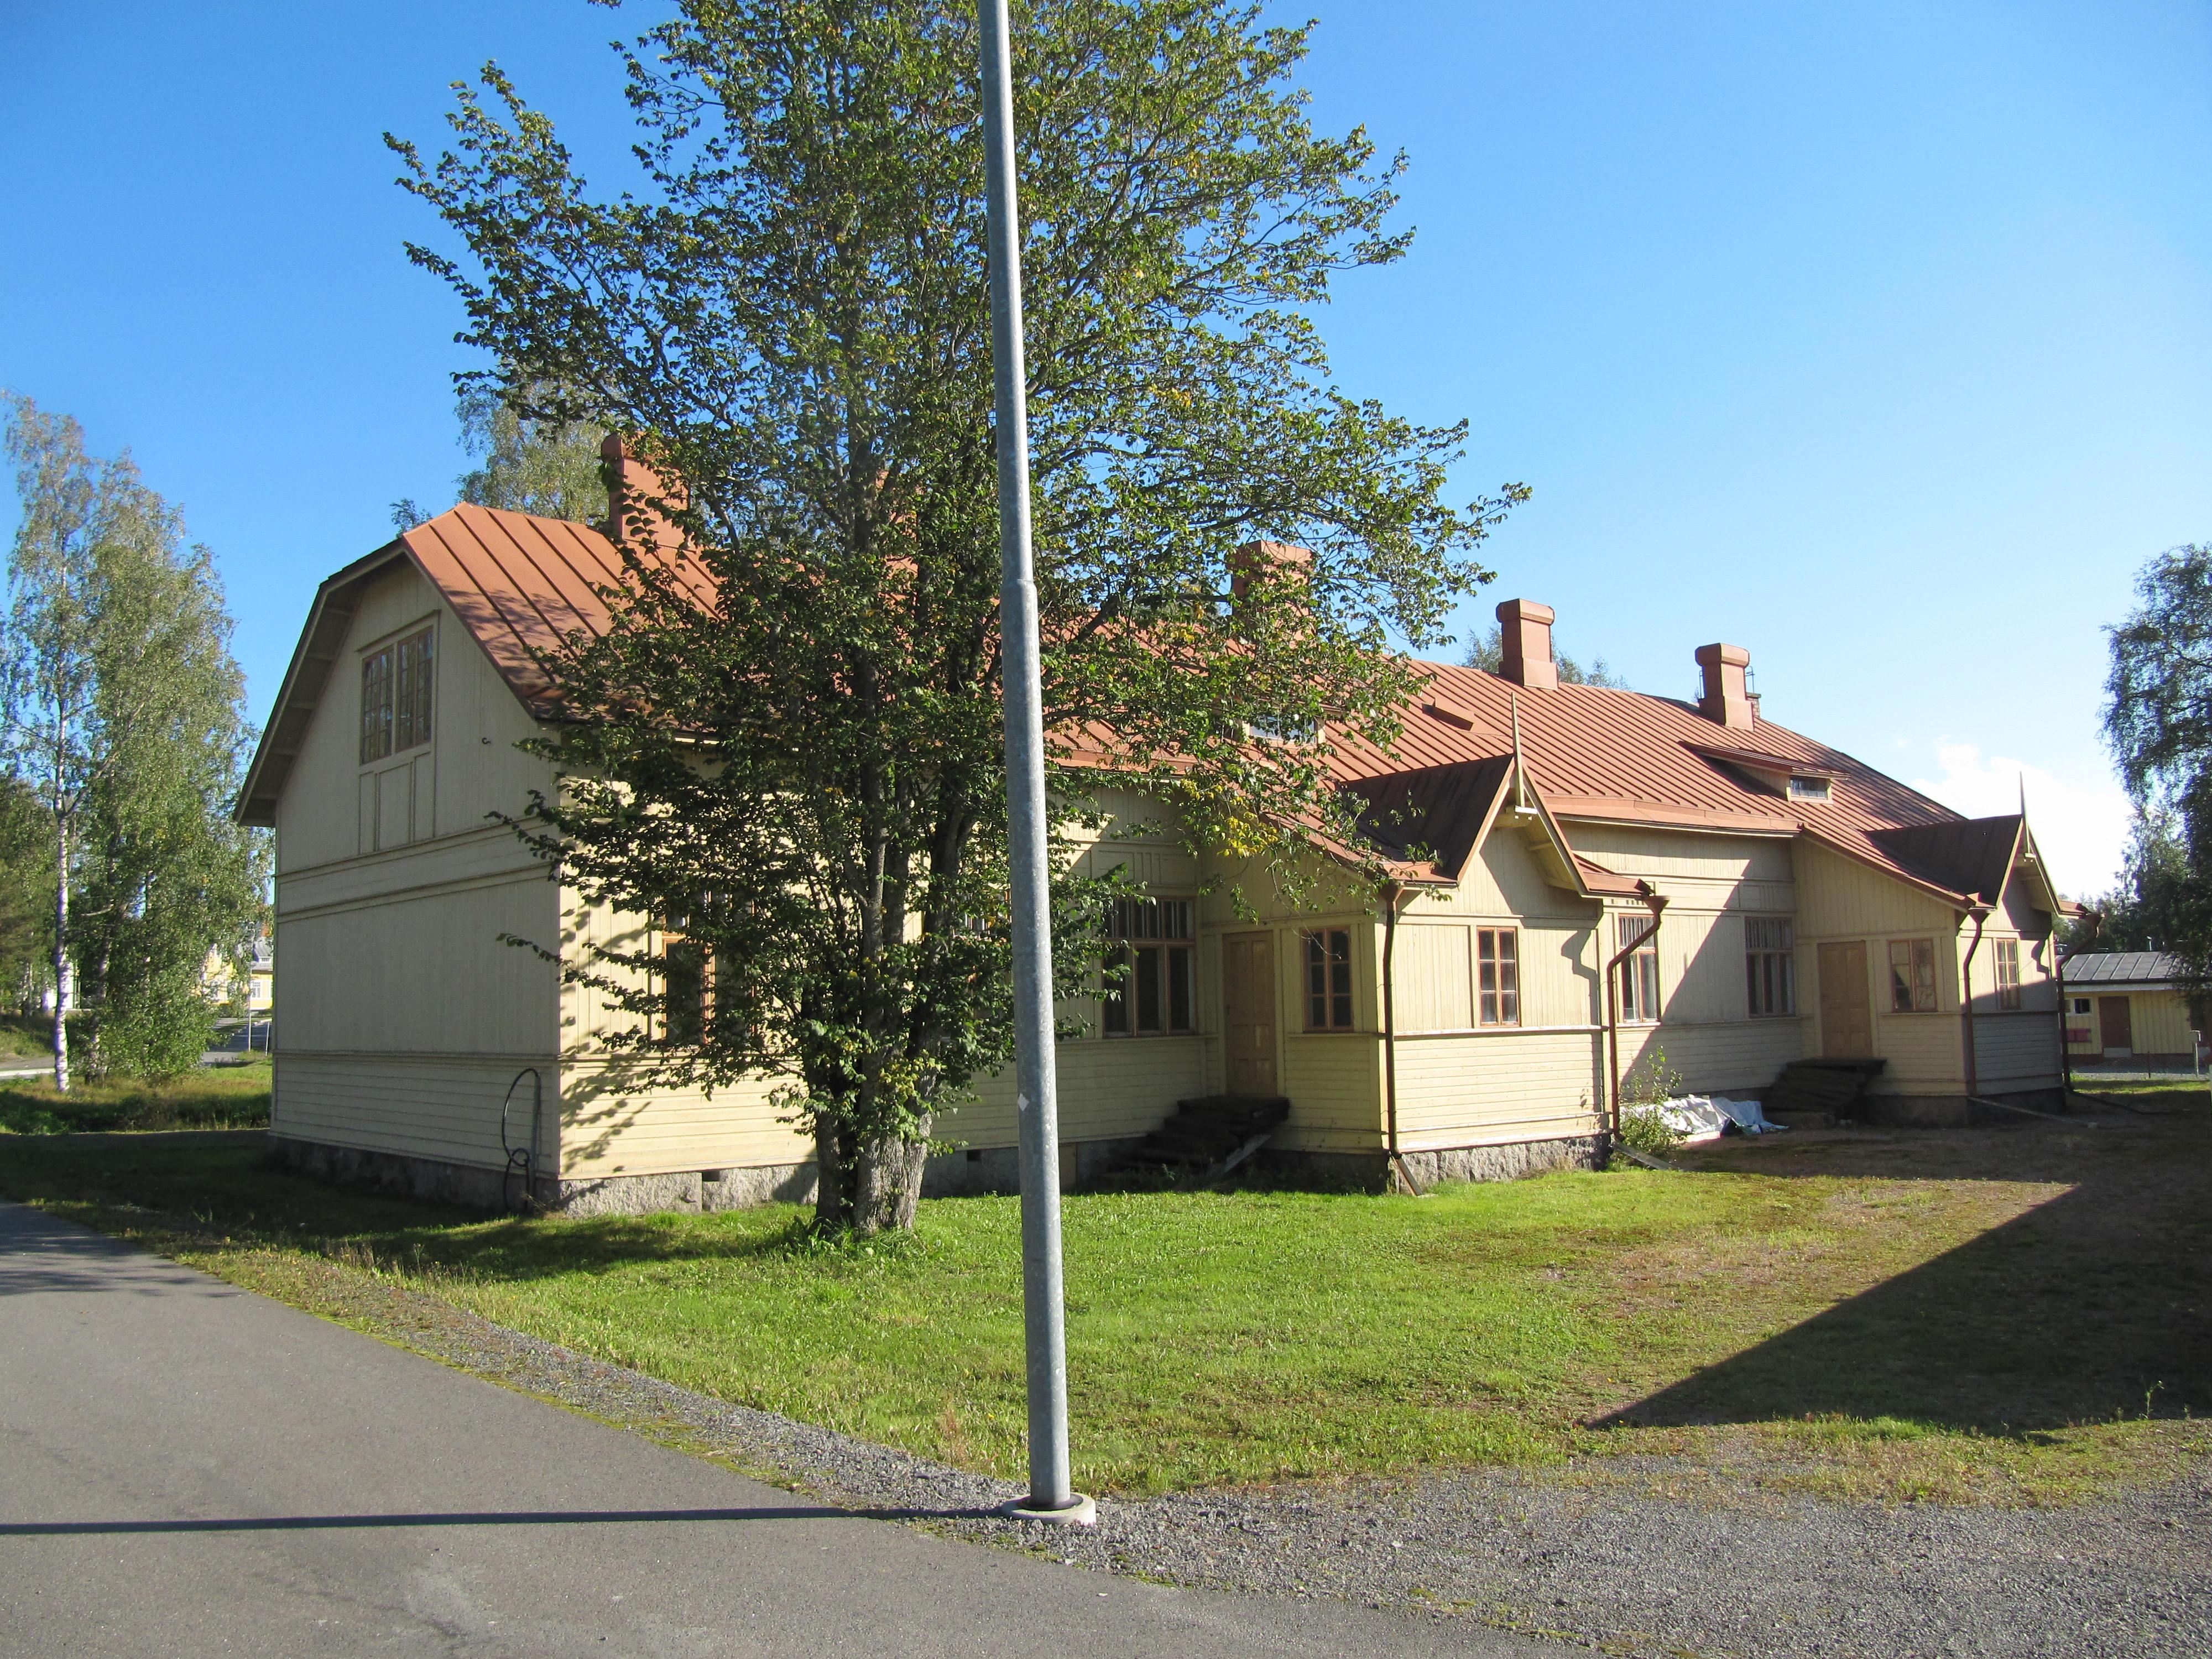 Den här gården på Köpmansgatan på östra sidan i Kristinestad byggde Viktor Nylund i mitten på 1920.talet. I mitten på 30-talet såldes den åt affärsmannen Grankull, som i sin tur överlät den åt sin dotter och hennes man John Aspås. För några år sedan fick gården en ny ägare, som har planer på att renovera gården och bygga om den till bostäder.